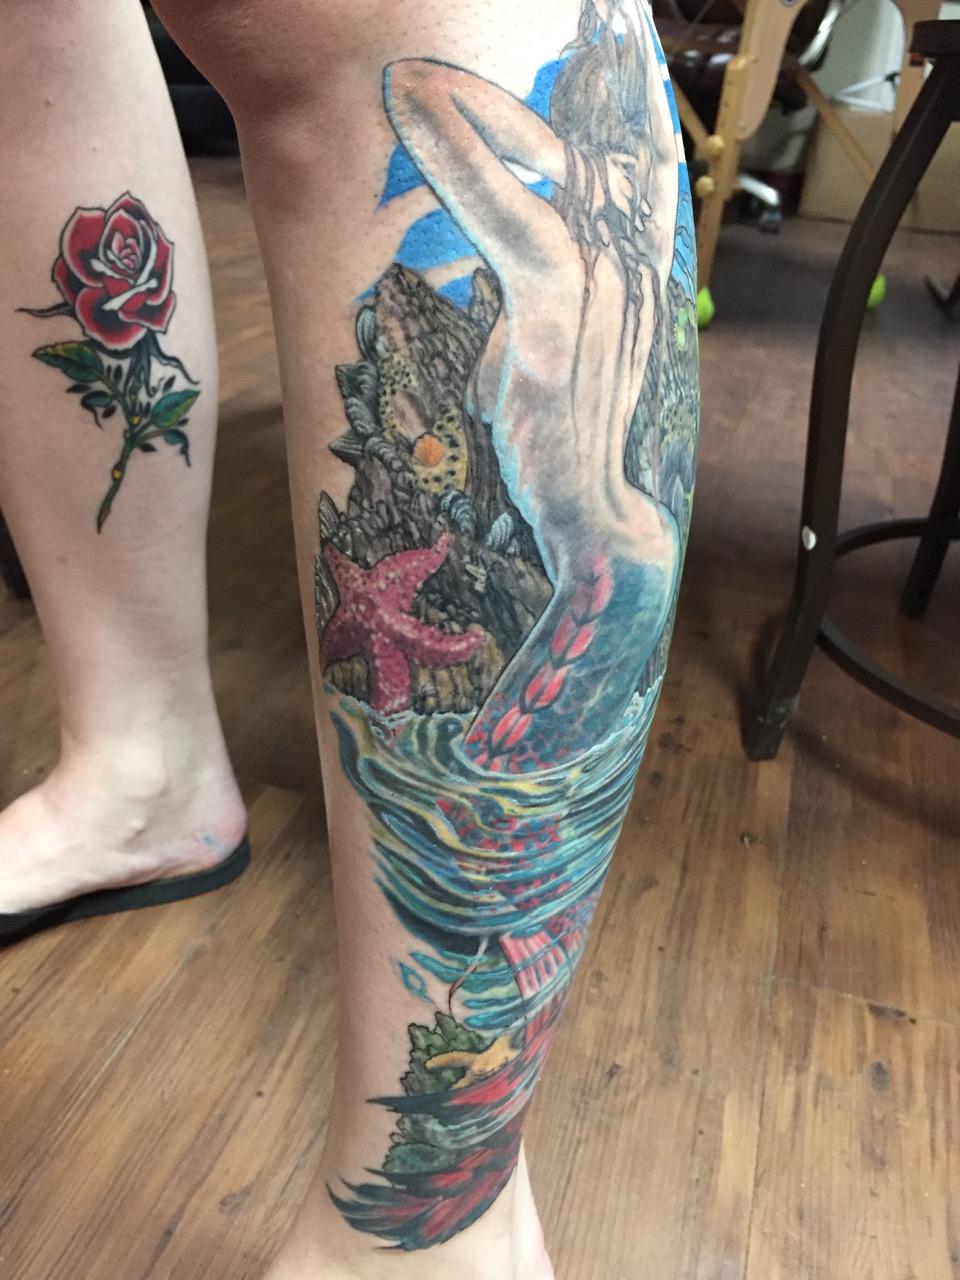 Jesse_Fowler_Tattoos_ - 13.jpg